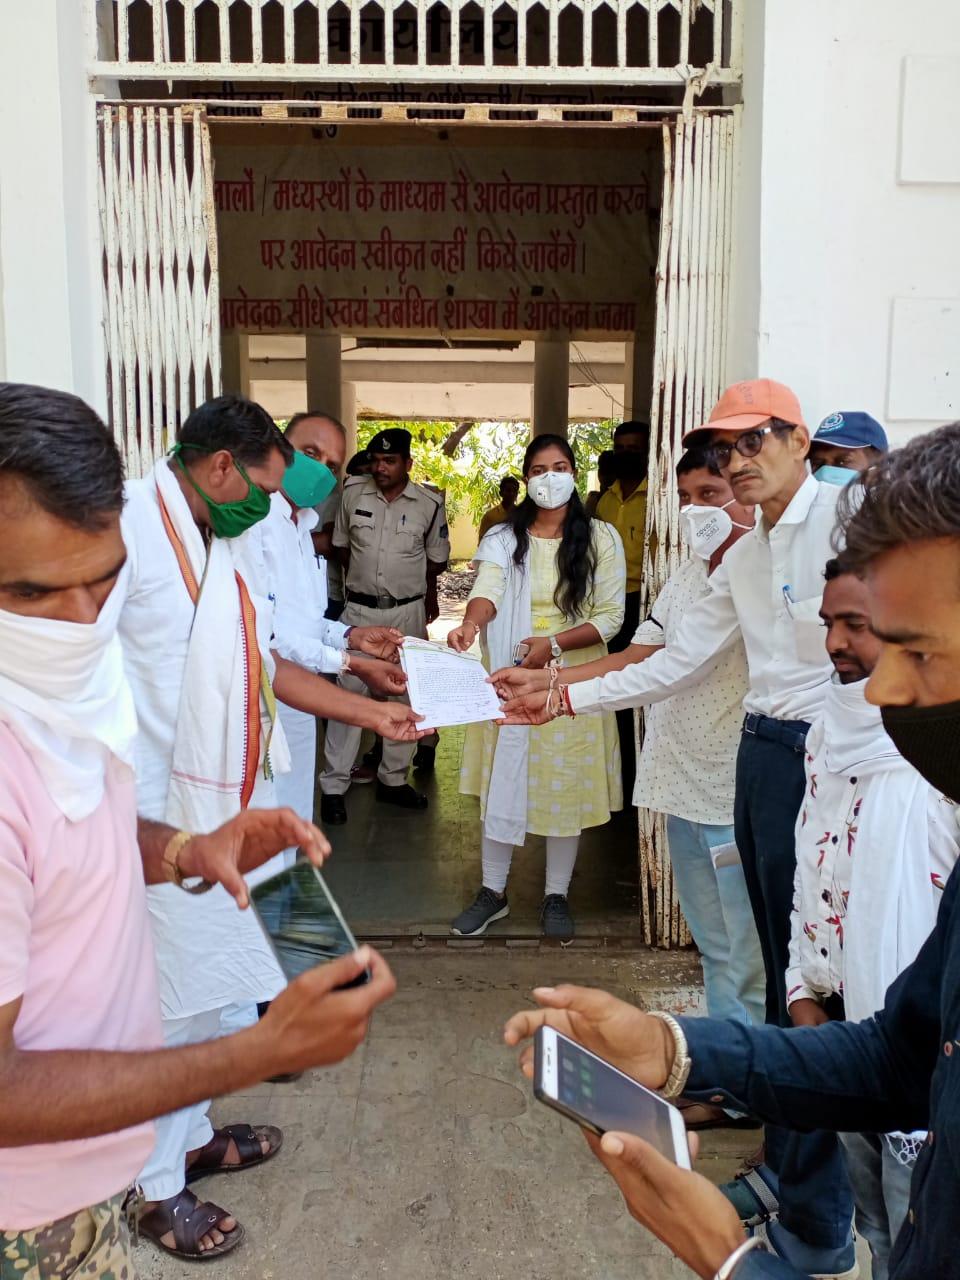 कांग्रेस कमेटी ने मनाया काला दिवस - राष्ट्रपति के नाम सौंपा ज्ञापन  थांदला । मध्यप्रदेश में 22 विधायक रूपी जयचंदो को खरीद कर प्रदेश में लोकतंत्र की हत्या कर के मध्यप्रदेश में सरकार बनाने के मंगलवार को भाजपा सरकार के 100 दिन पूरे हो गए है । मध्यप्रदेश कांग्रेस कमेटी के आव्हान पर मंगलवार का दिन काला दिवस के रूप में मनाया गया। सभी कांग्रेसजन एकत्रित हुए अपने हाथों पर काली पट्टी बांधकर मध्यप्रदेश सरकार के ख़िलाफ़ विरोध प्रदर्शन किया और थांदला तहसीलार को राष्ट्रपति मोहदय के नाम ज्ञापन दिया गया। ज्ञापन का वाचन विधानसभा अध्यक्ष युवा नेता राजेश गेंदाल डामोर ने किया। इस अवसर पर  क्षेत्रीय विधायक वीरसिंह  भूरिया, नगर परिषद अध्यक्ष मनीष बघेल, चैनसिंग डामोर, दिलीप डामोर, गुलाम कादर खान, श्रीमंत अरोरा, रालु वसुनिया एवम्  ब्लॉक कांग्रेस कमेटी के अनेक पदाधीकारी वरिष्ठ नेता आदि उपस्थित थे ।